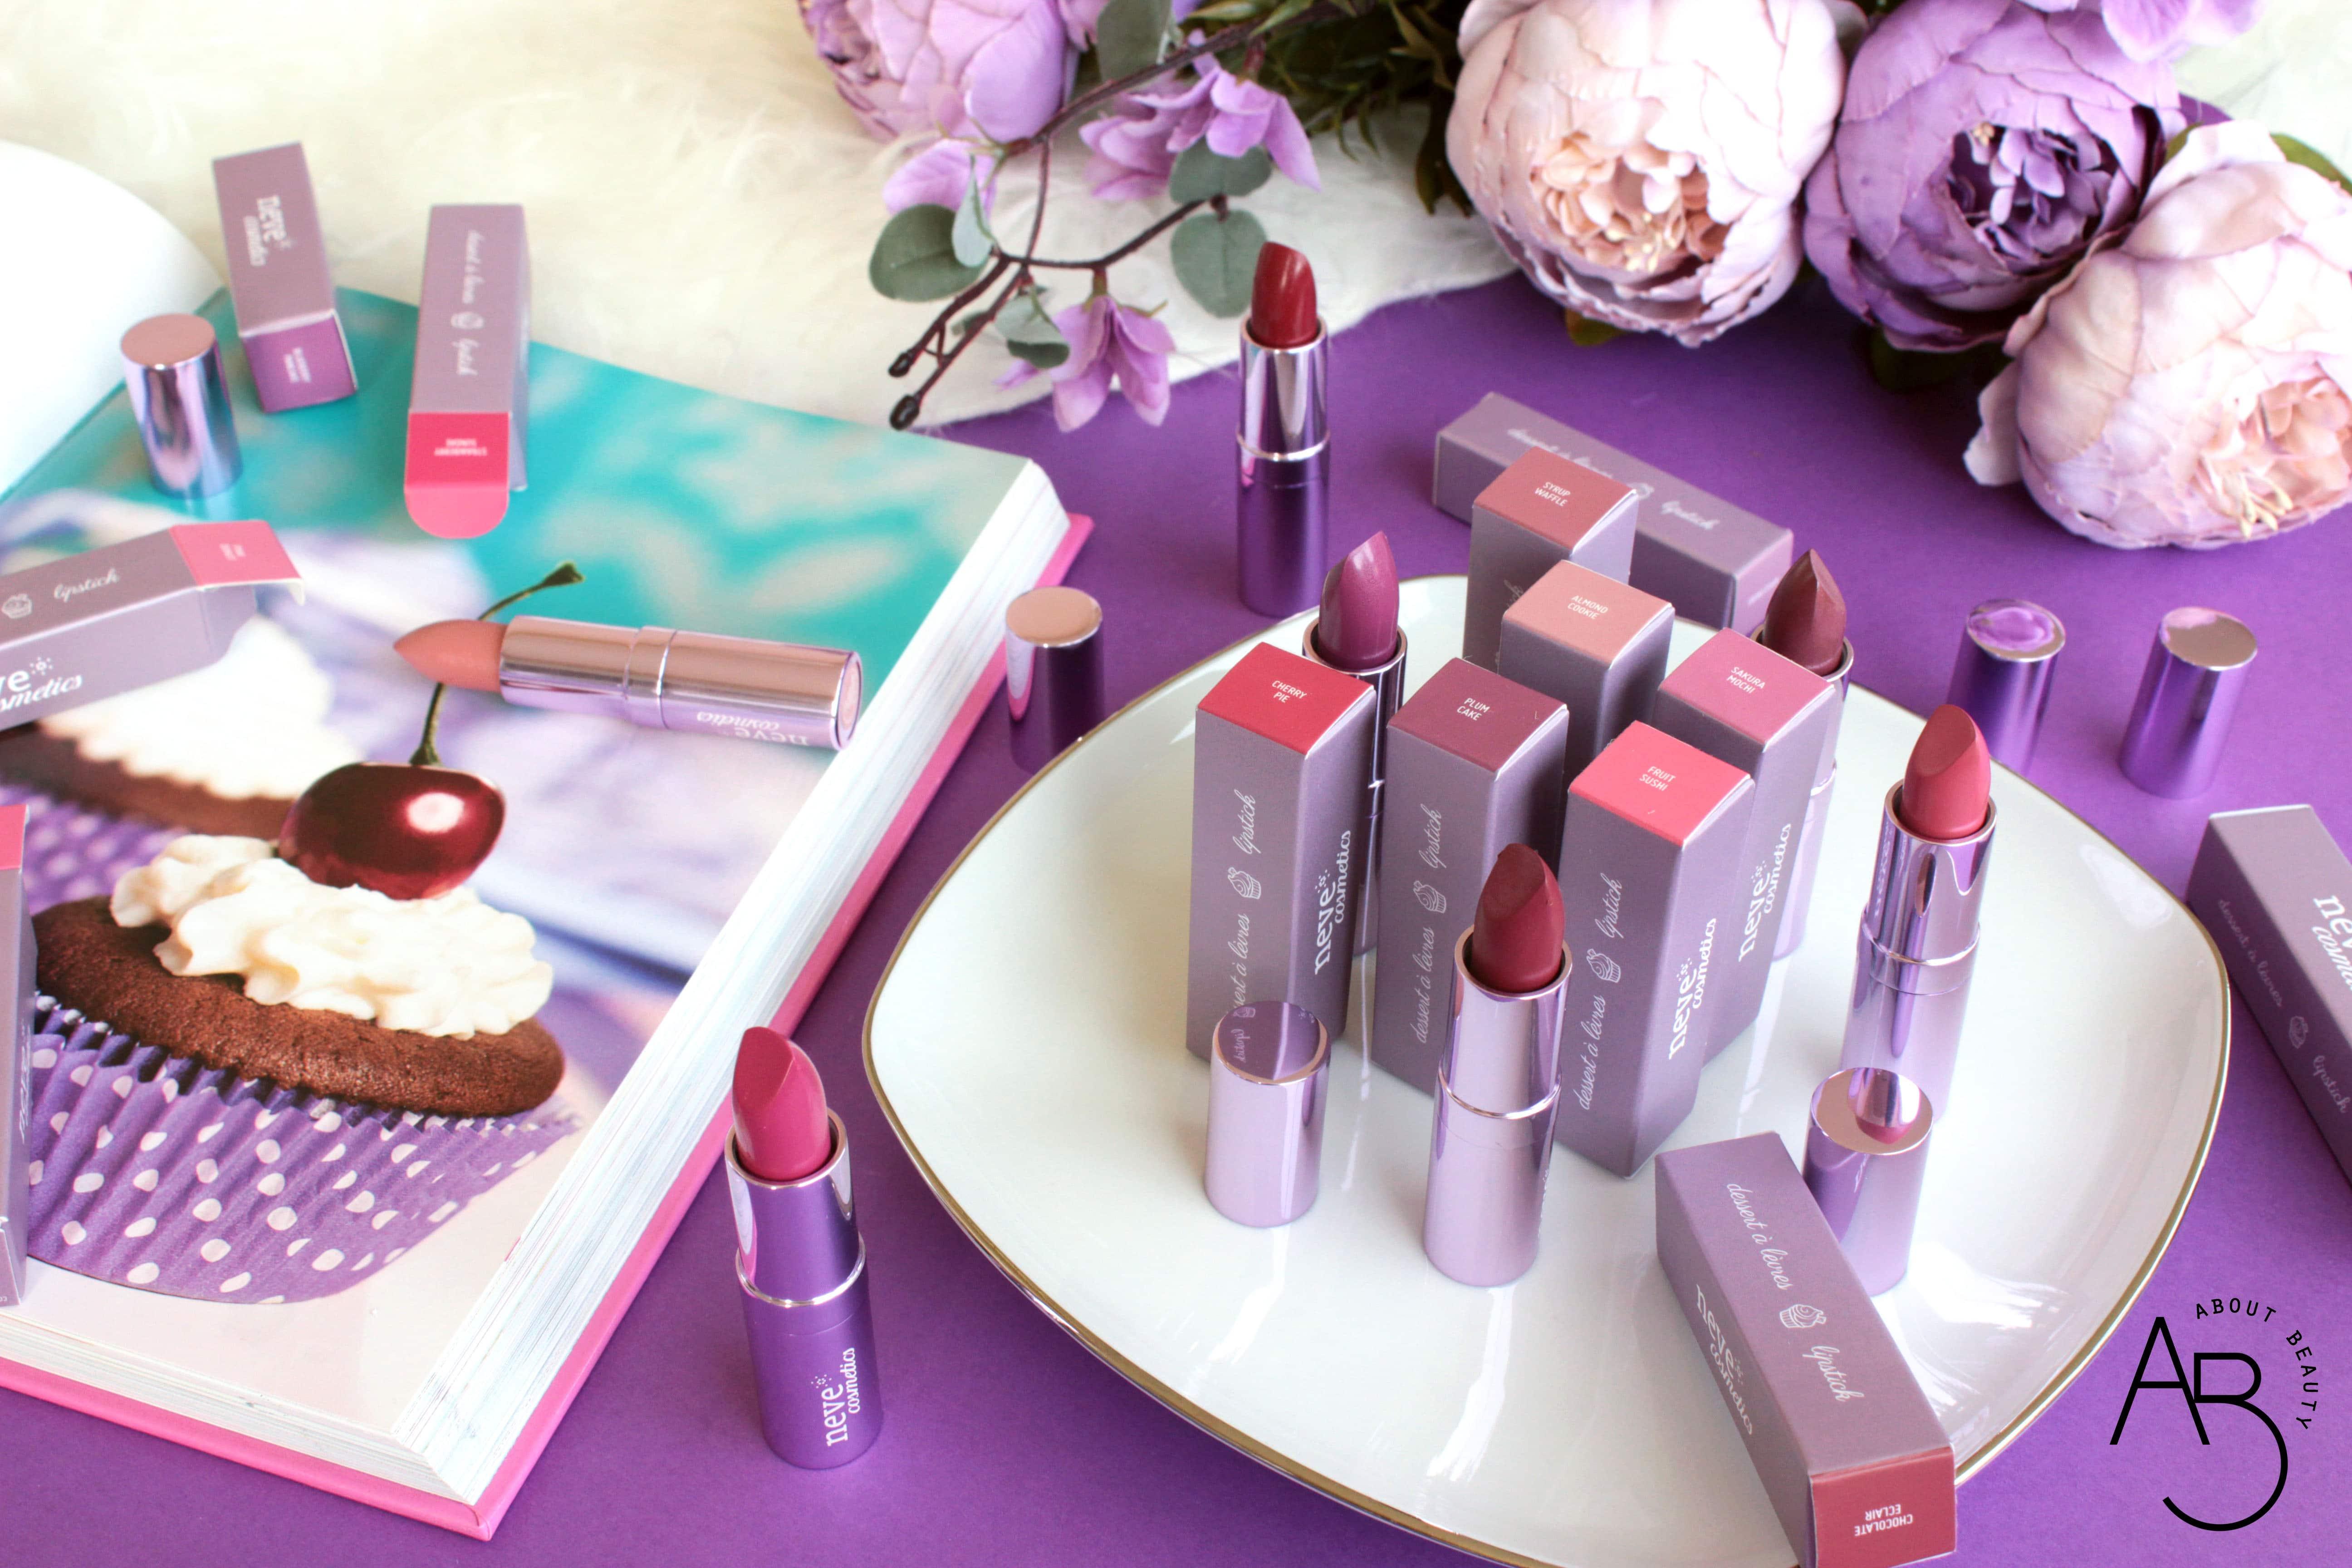 Nuovi rossetti Neve Cosmetics Dessert a Levres 2018: info, foto, swatch, prezzo, data di uscita, dove acquistare, recensione, review